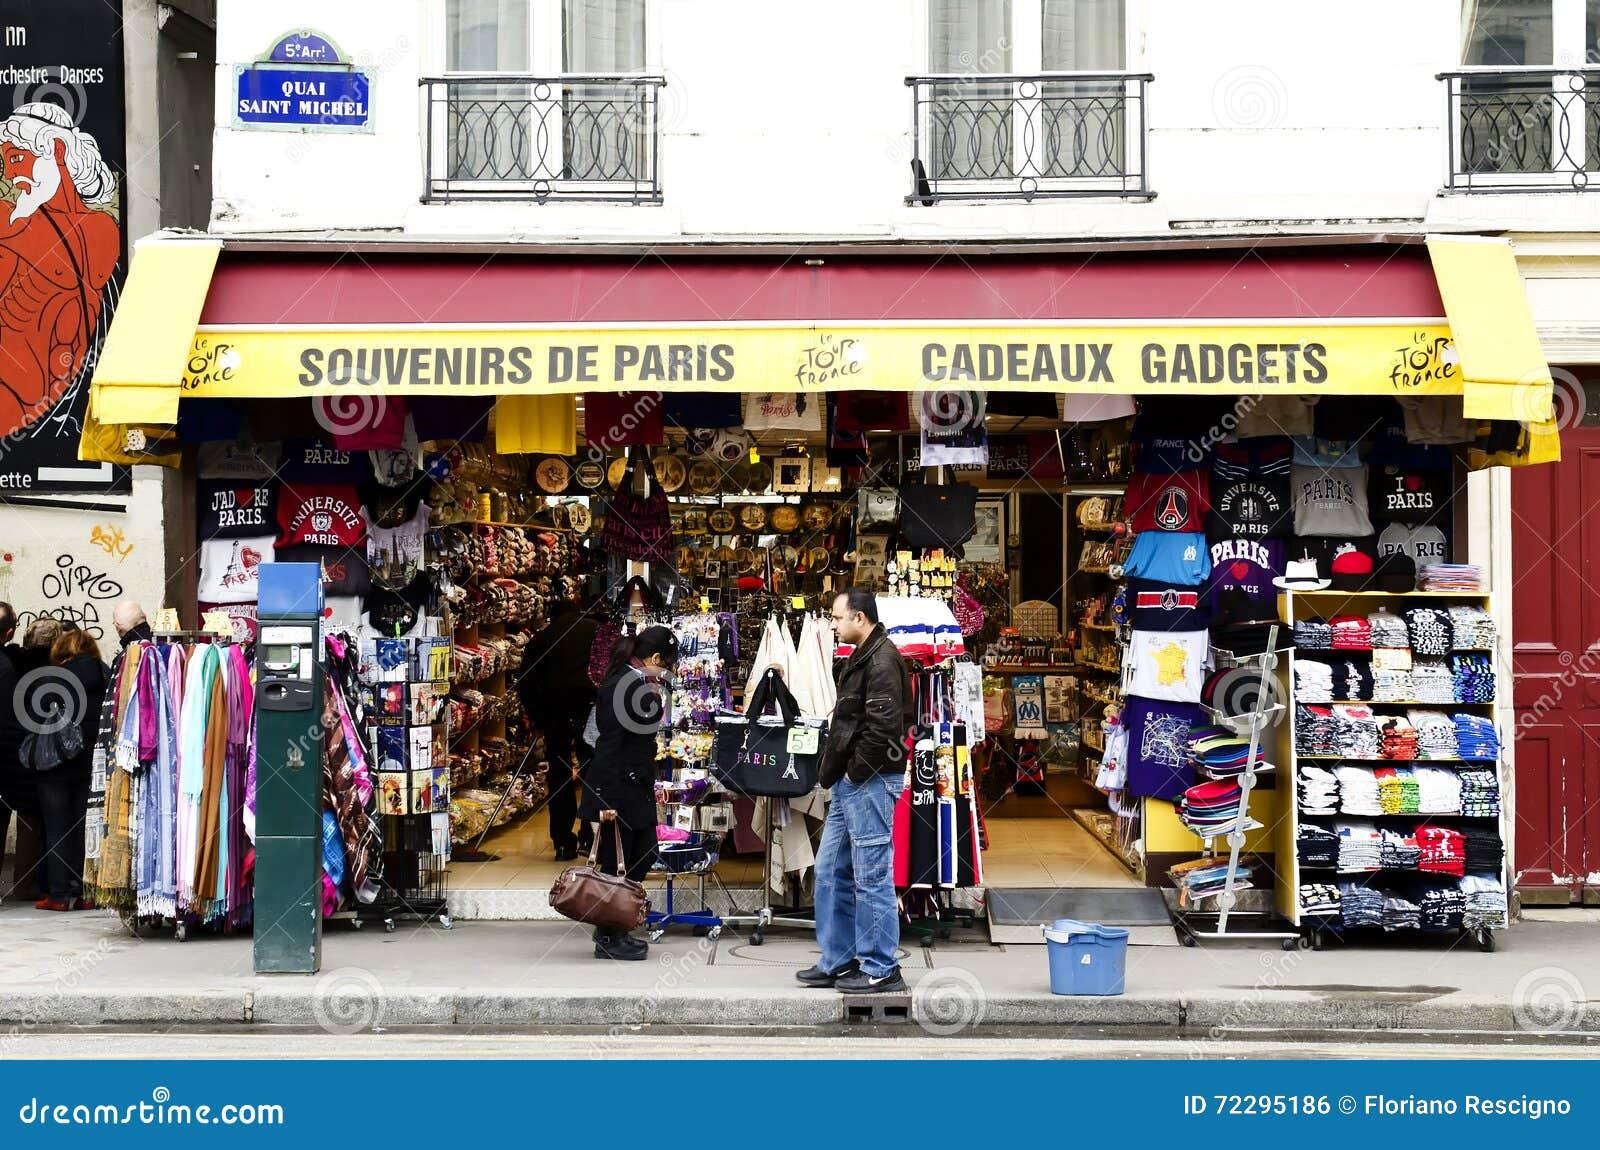 boutique de souvenirs paris photo ditorial image du parisien cadeau 72295186. Black Bedroom Furniture Sets. Home Design Ideas